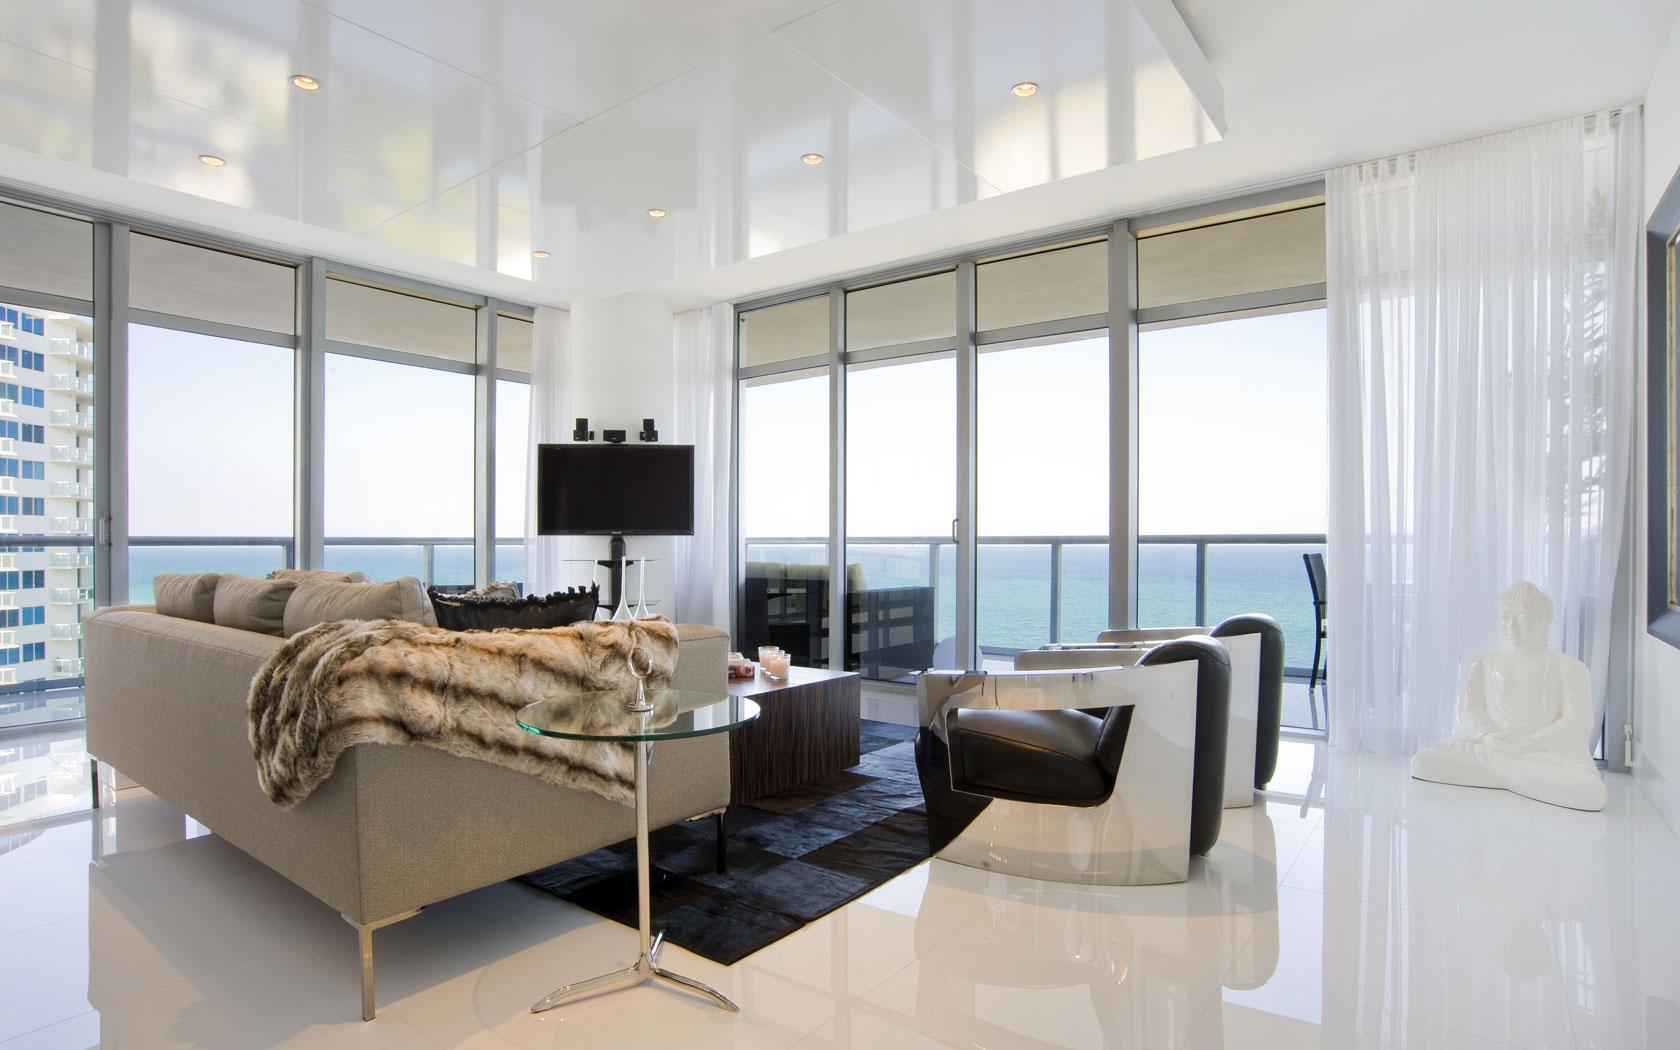 Beach Condo Interior Design Ideas Joy Studio Design Gallery Best Design